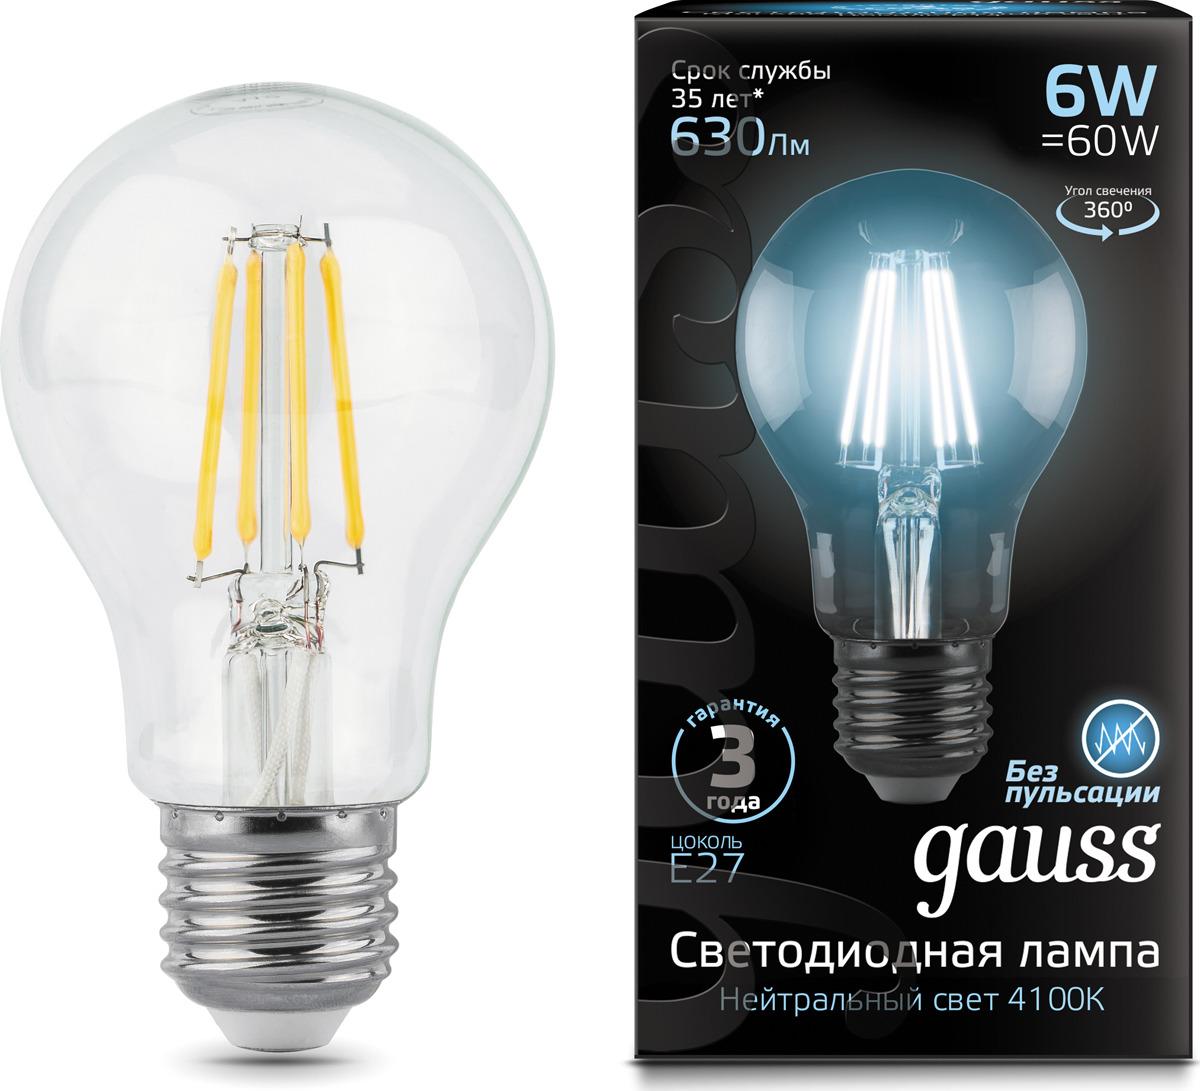 Лампочка Gauss Black Filament LED, А60, E27, 6W. 102802206102802206Светодиодная лампа Gauss - самый безопасный для здоровья и окружающей среды источник света. Она не пульсирует, мгновенно включается, не содержит ртути, и имеет больший срок службы, чем лампы накаливания и КЛЛ. Более того, светодиодная лампа Gauss не зависит ни от скачков напряжения в сети, ни от температуры окружающей среды (выдает максимальный световой поток в диапазоне от -20 до +50С),